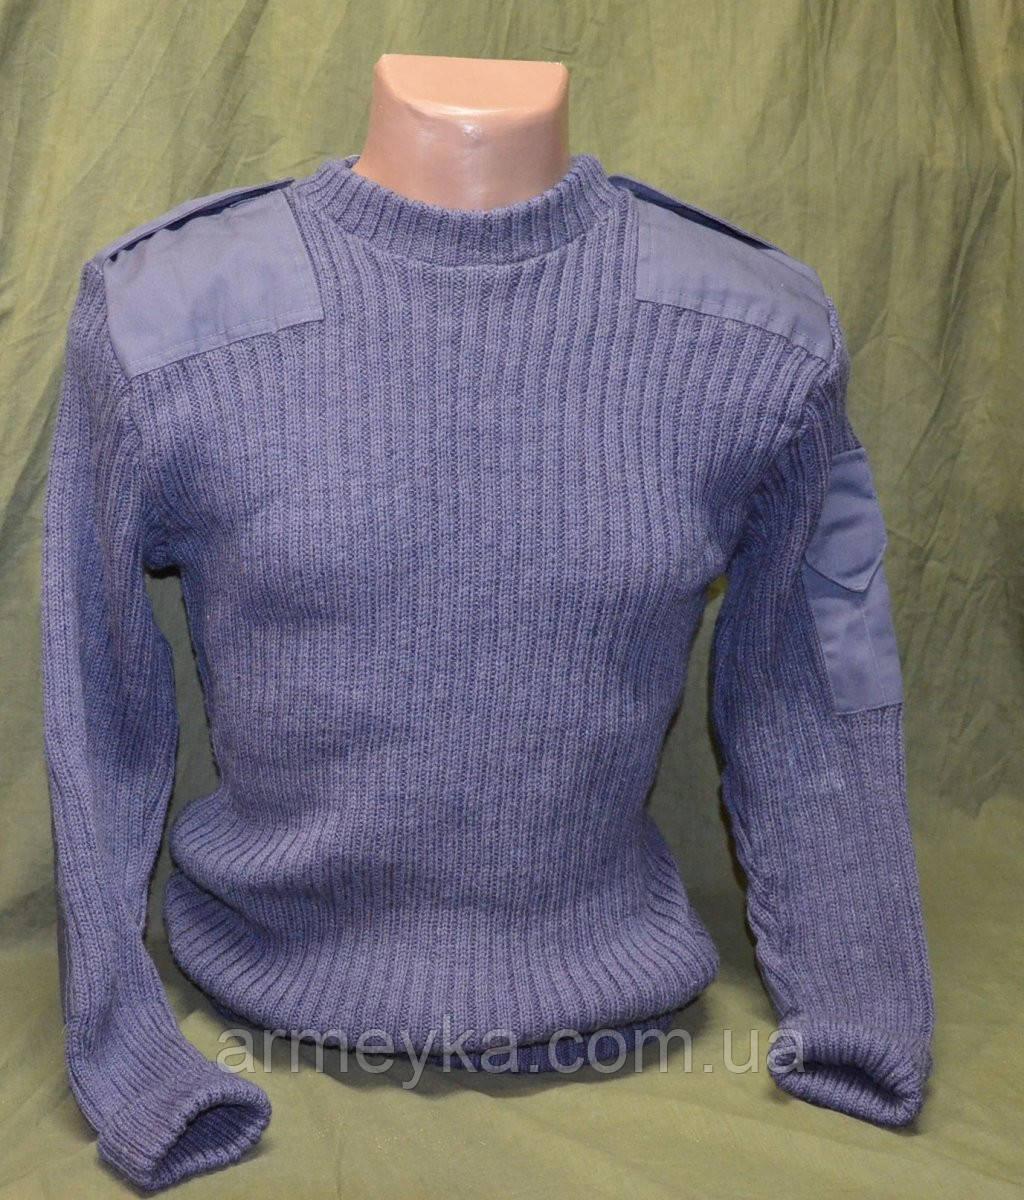 Шерстяной свитер, серый. НОВЫЙ. Британские ВС, оригинал.